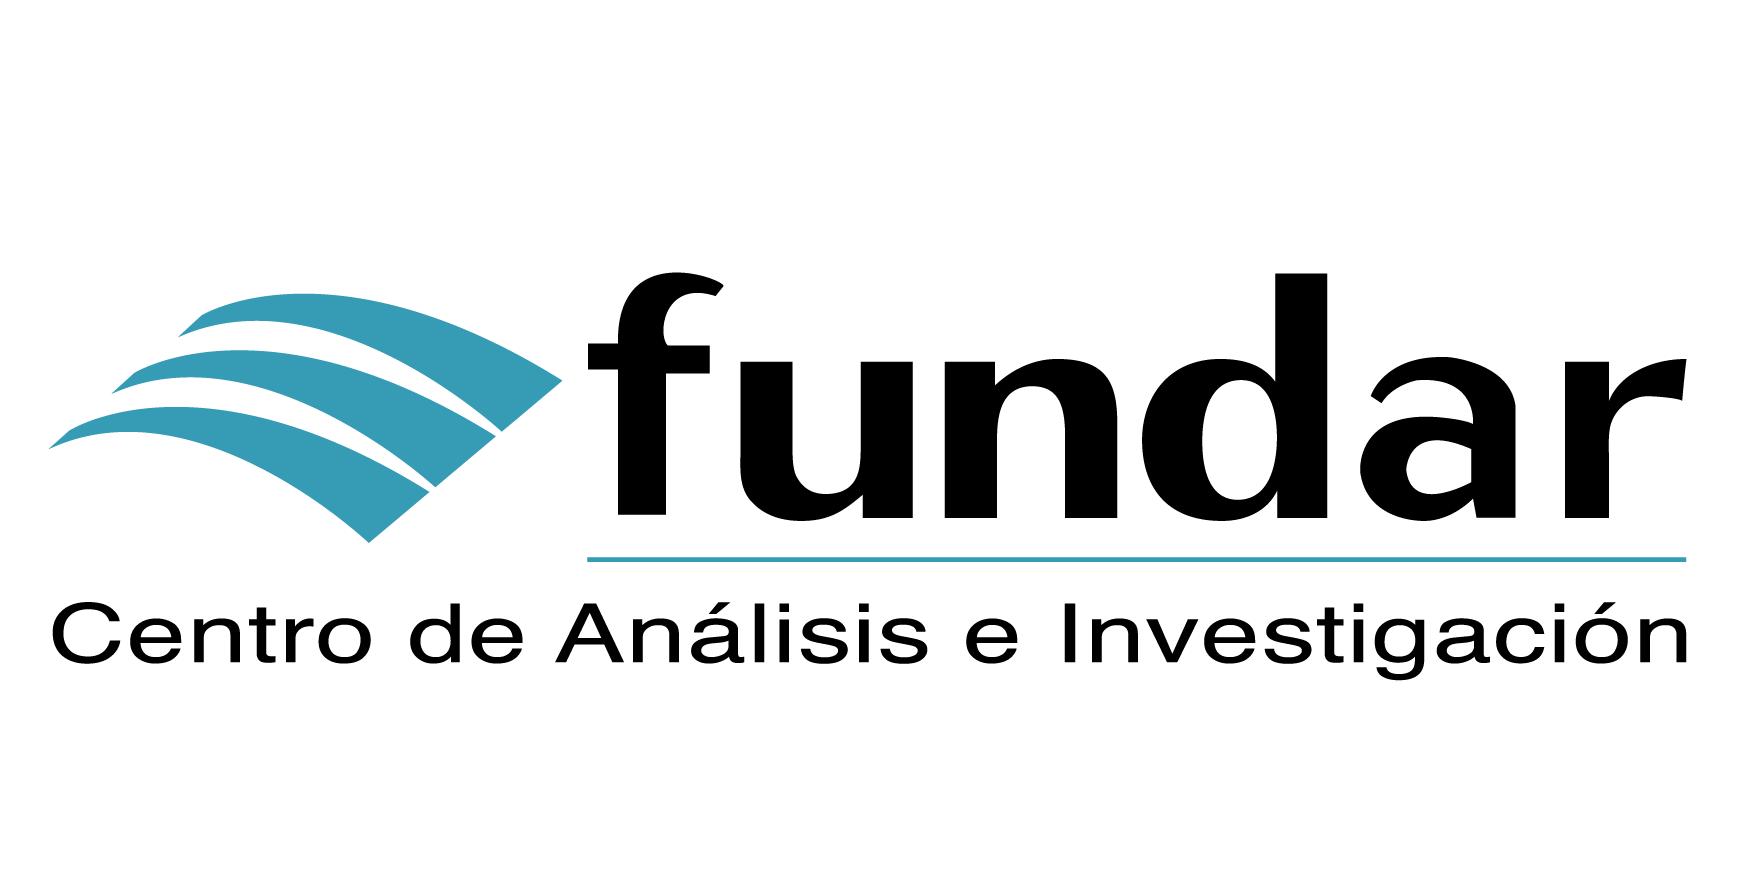 Fundar, Centro de Análisis e Investigación